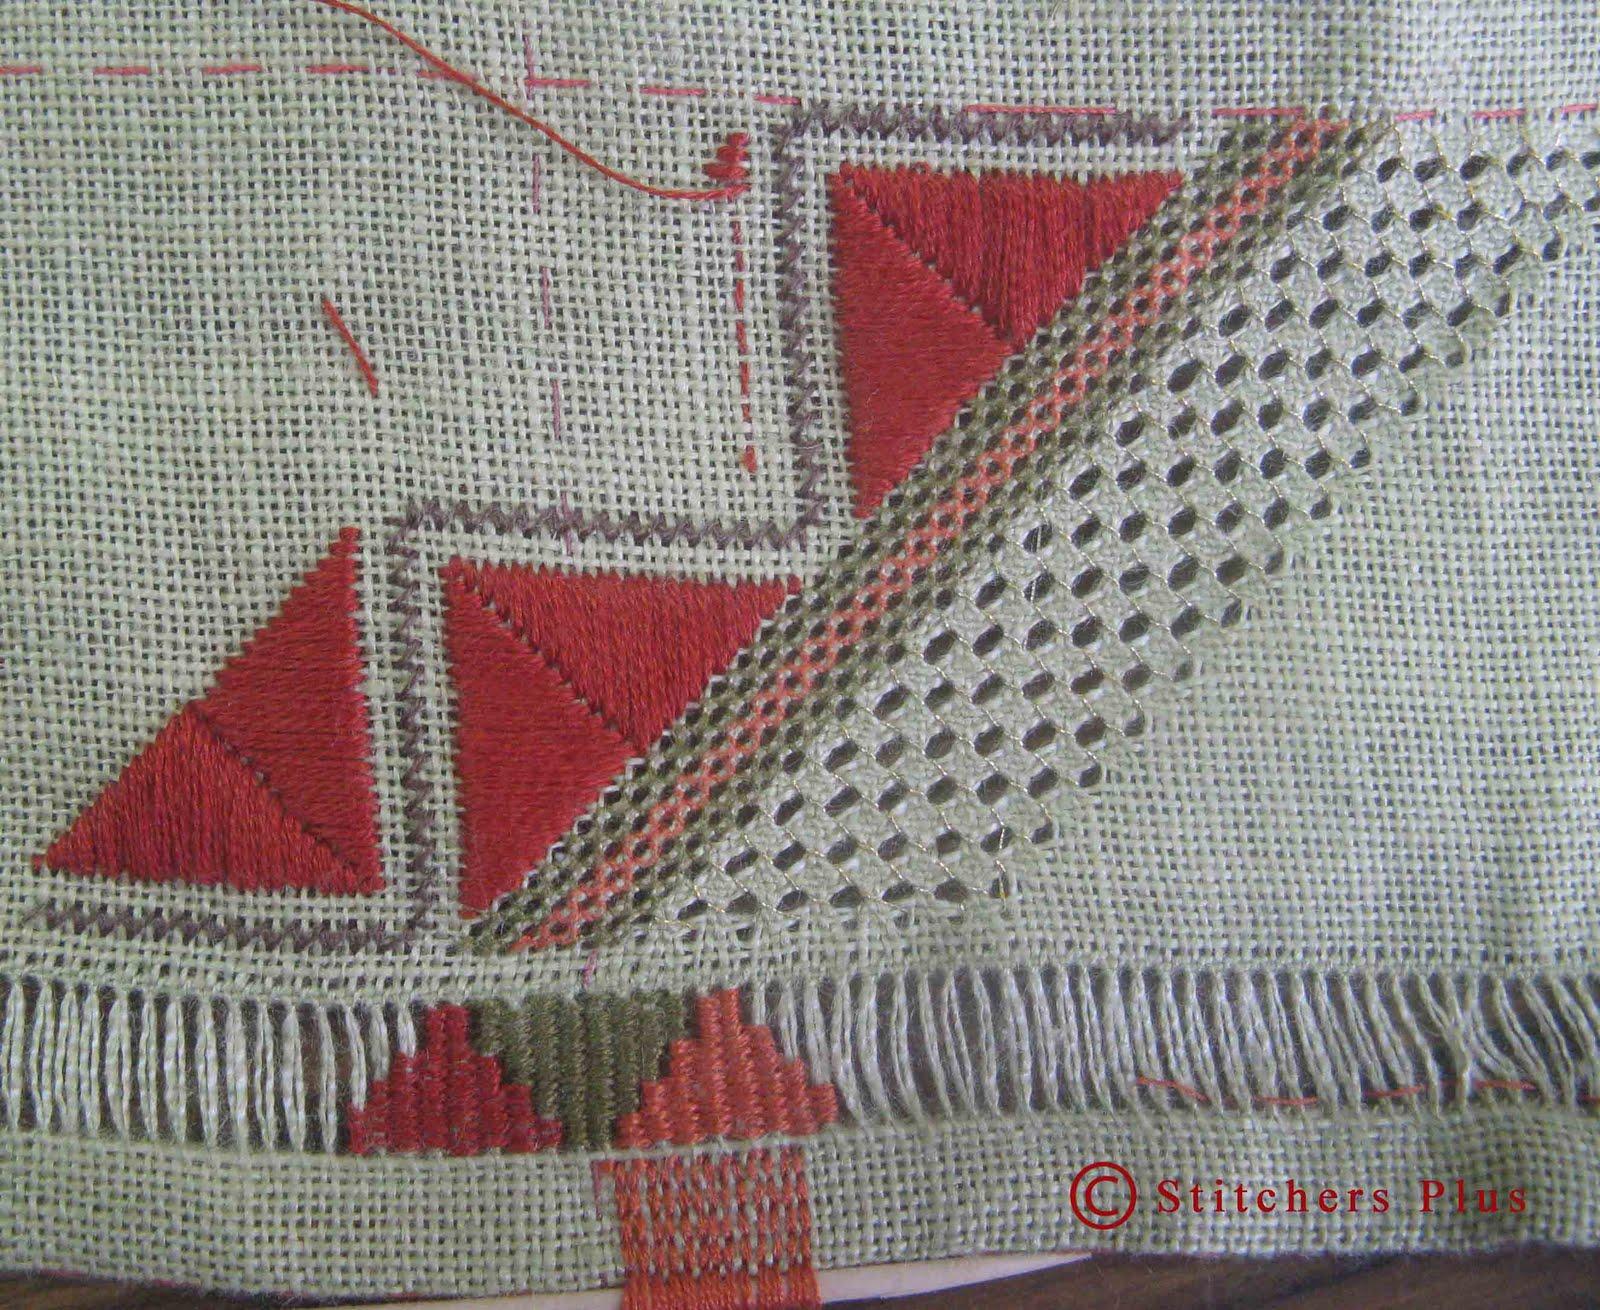 Stitchersplus March 2011